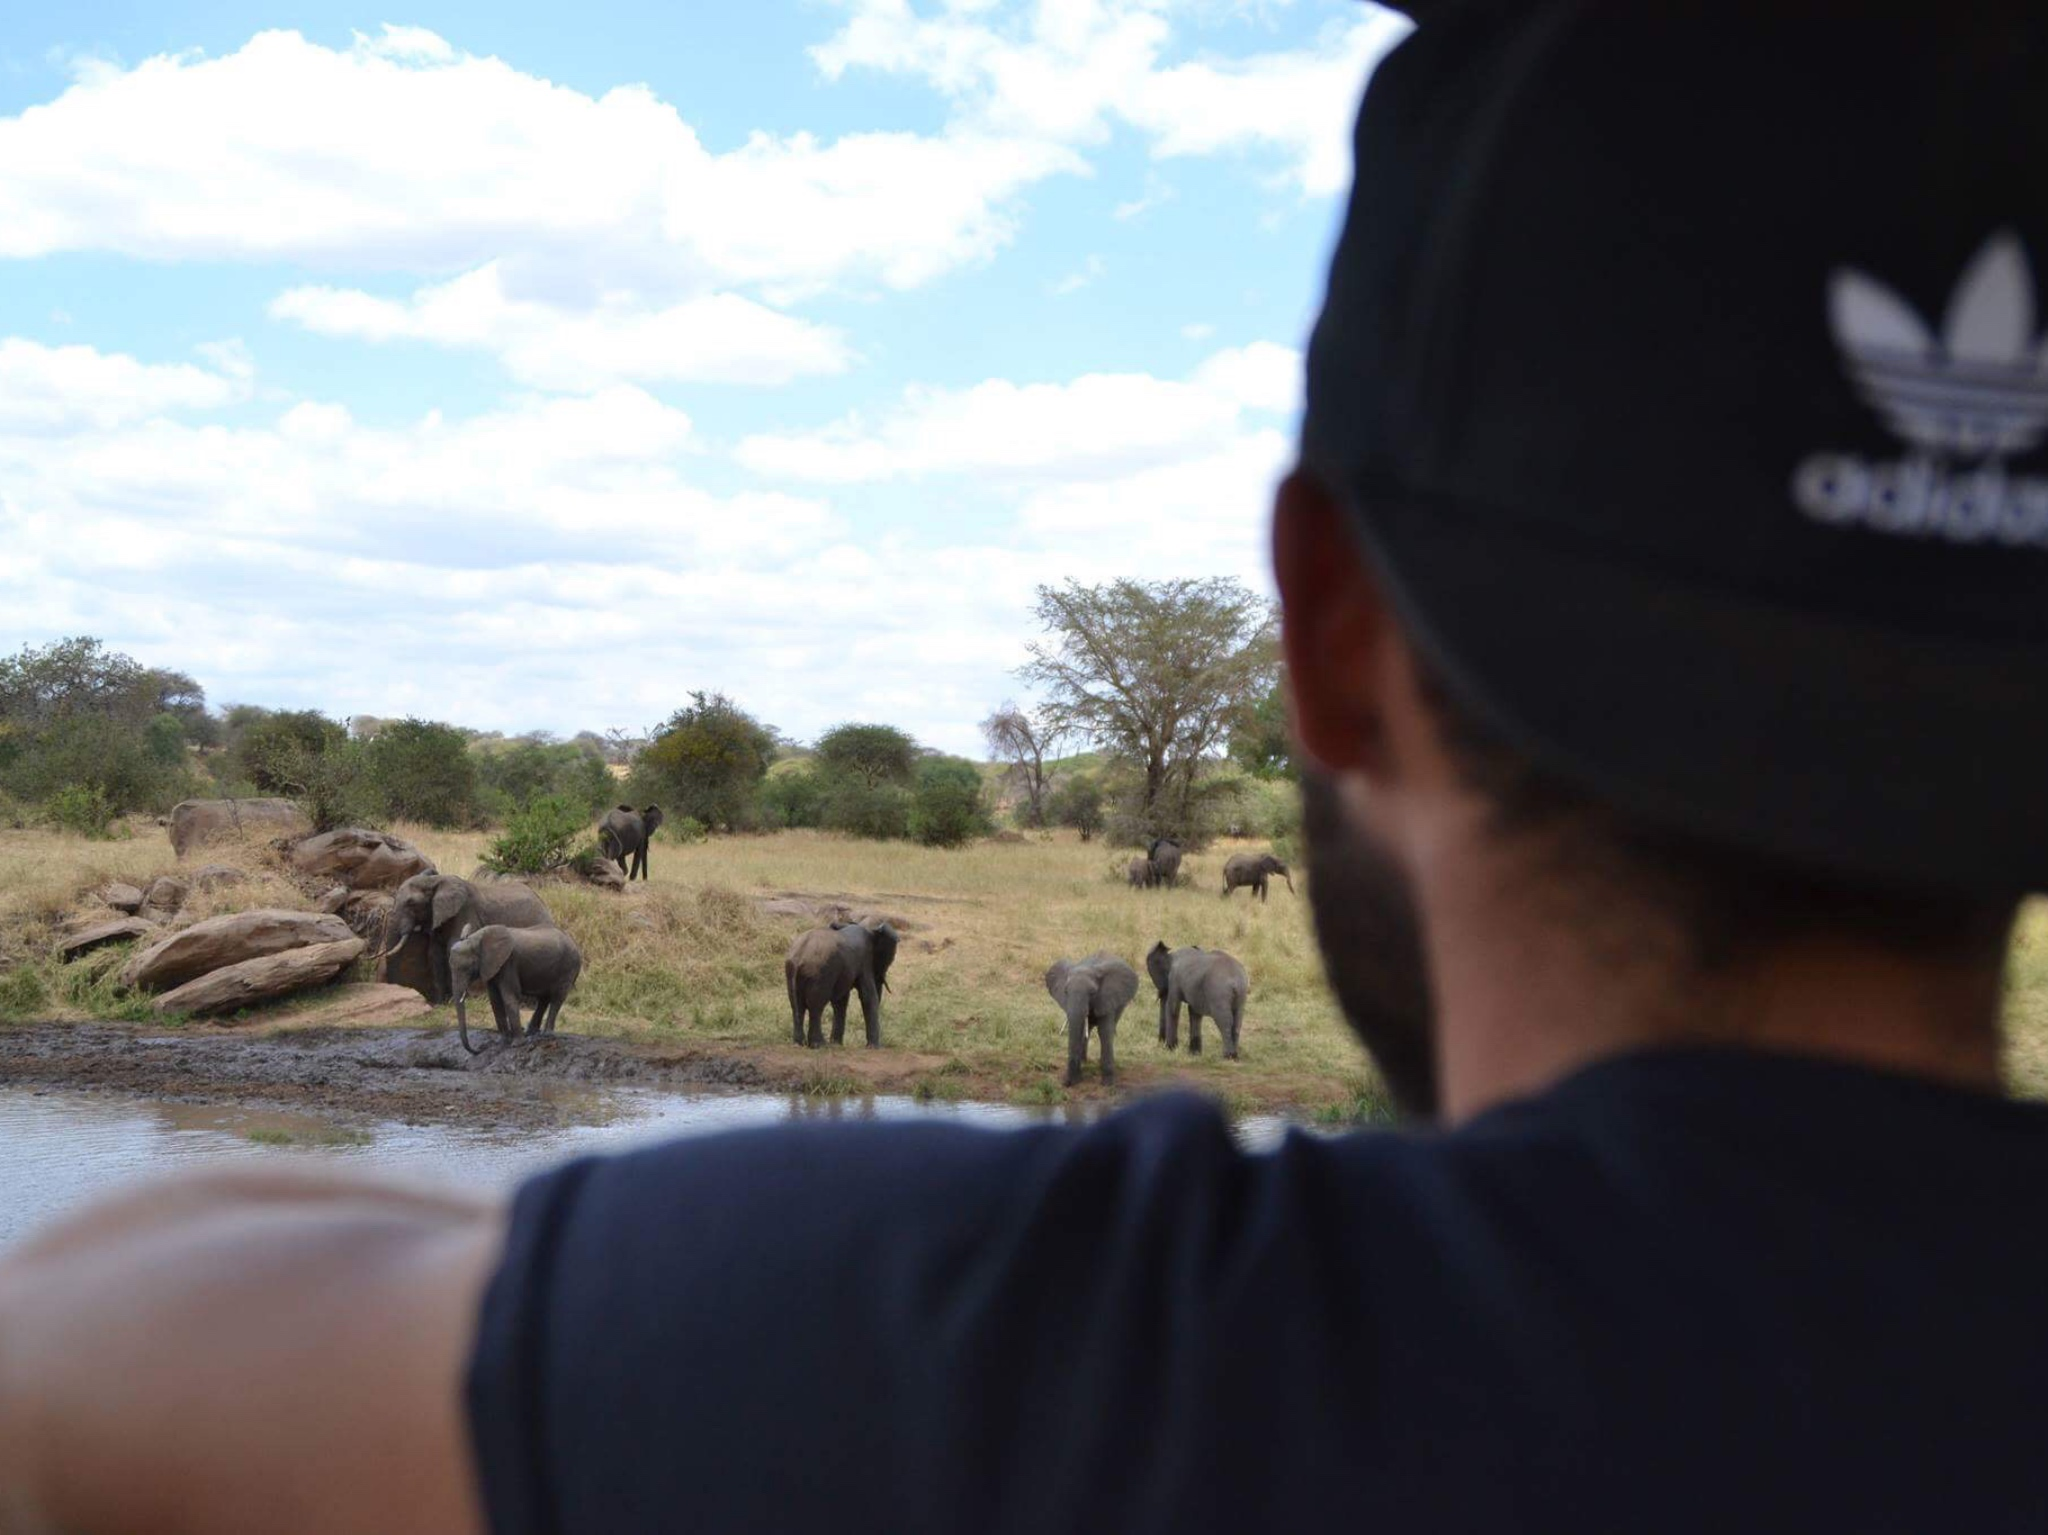 Maximilian im August 2017 in Tanzania, im Arusha Tarangire Nationalpark, der größten Area der freilebenden Elefanten weltweit (3000 Tiere). Foto: Emilia Stahl